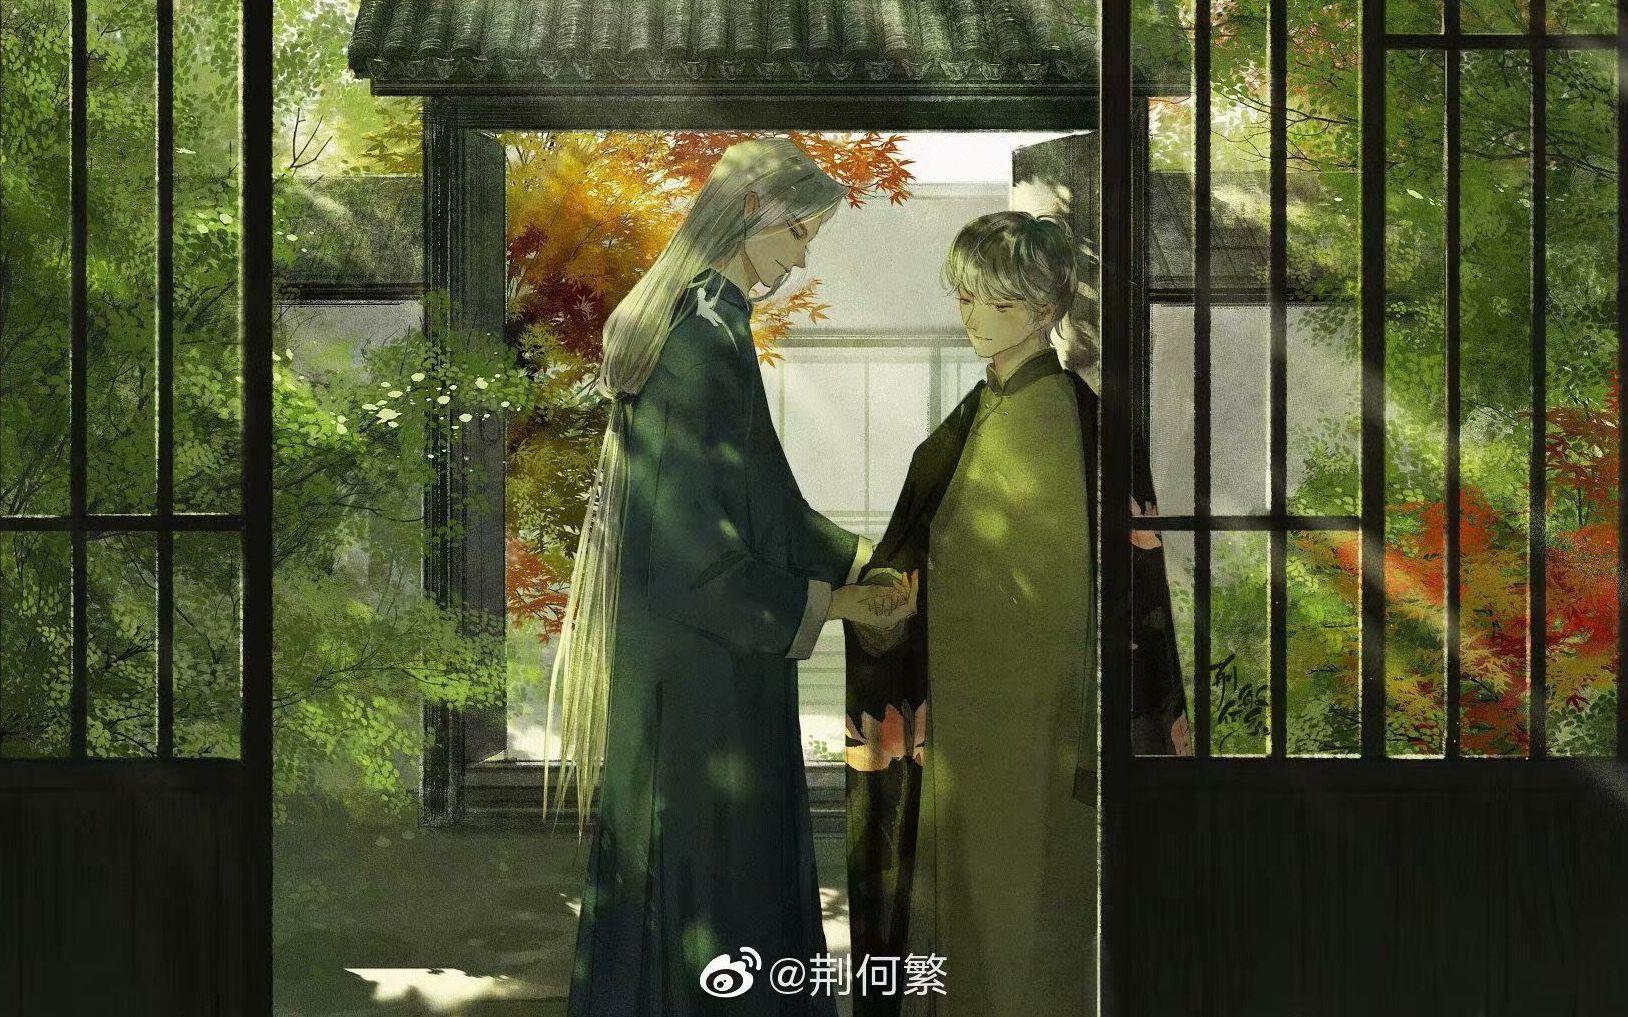 死亡空间同人小说_【逐光—记《我五行缺你》】(原曲《听》)_哔哩哔哩 (゜-゜)つ ...